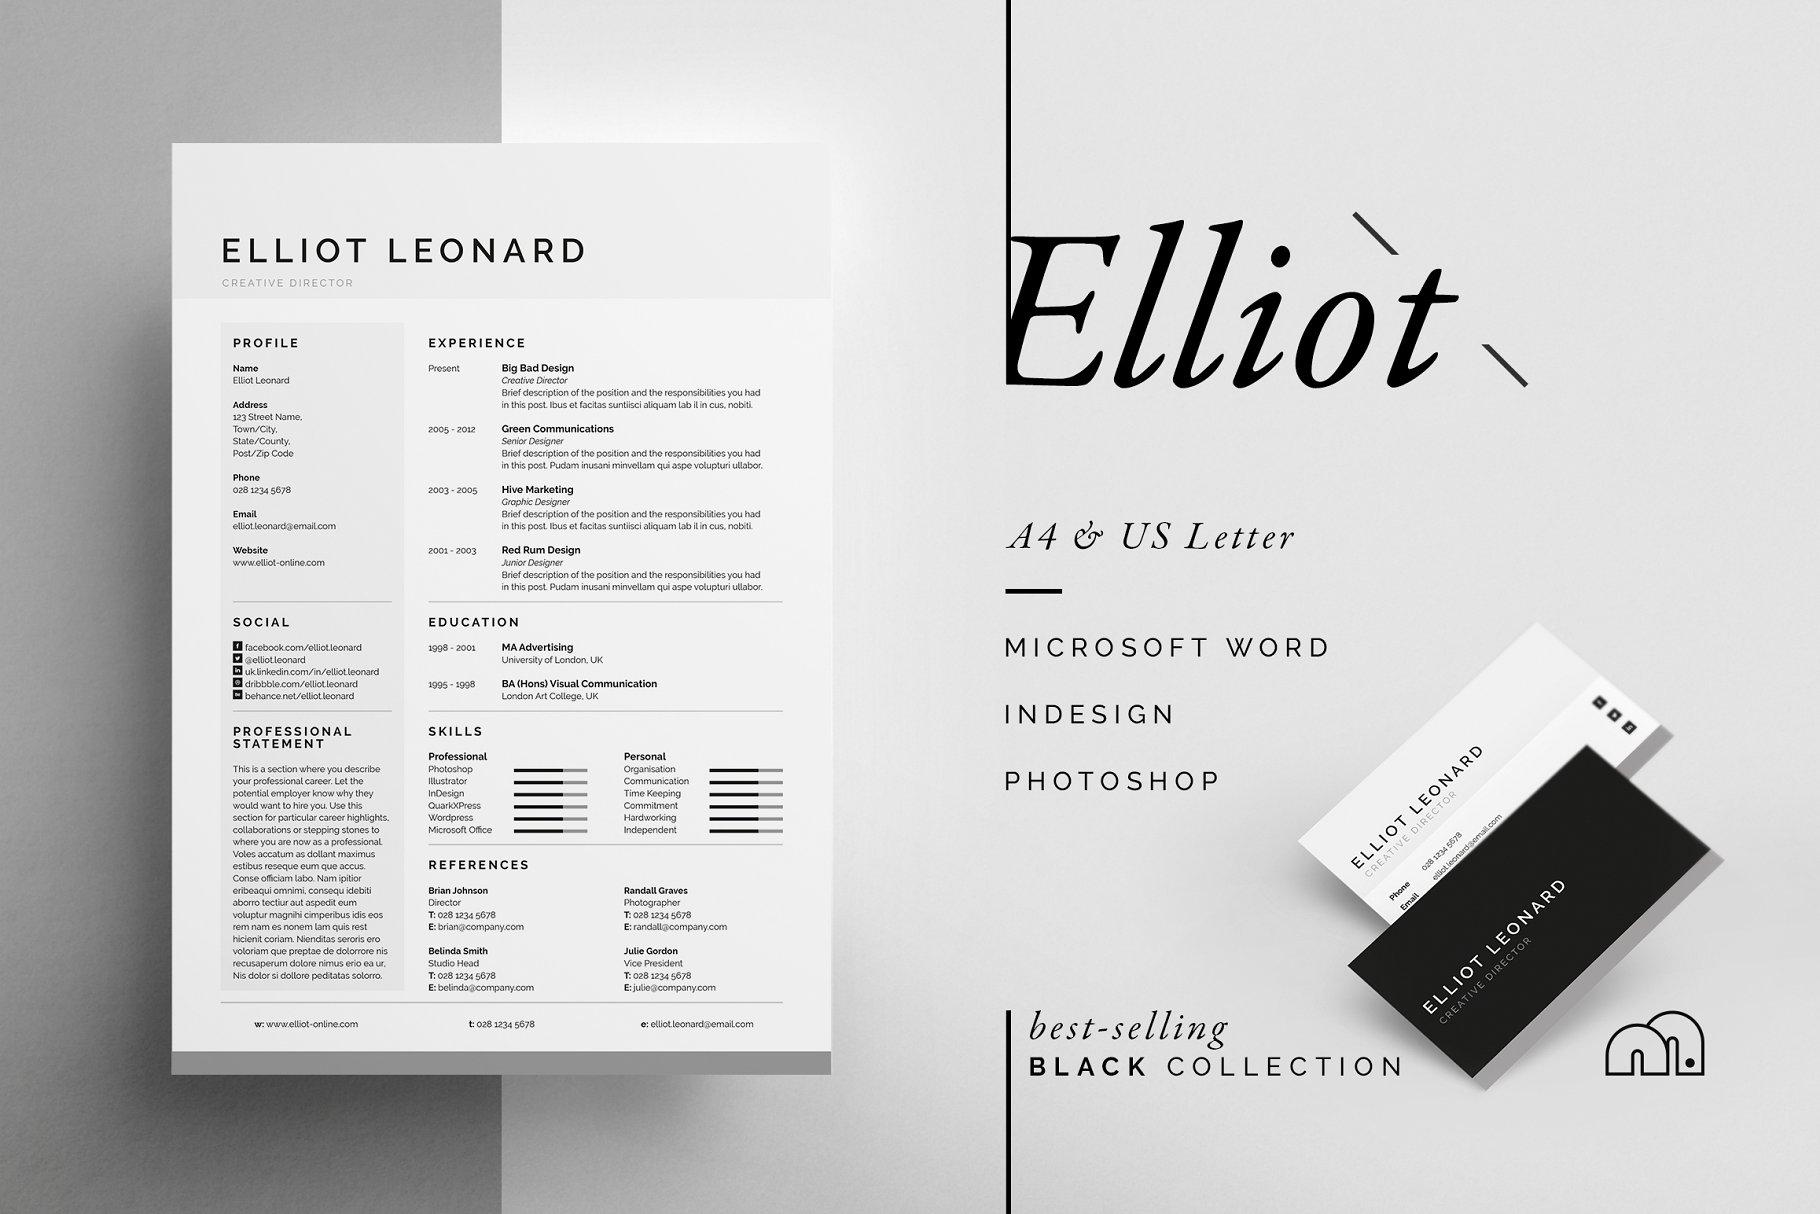 极简简历模板 Elliot – Resume/CV